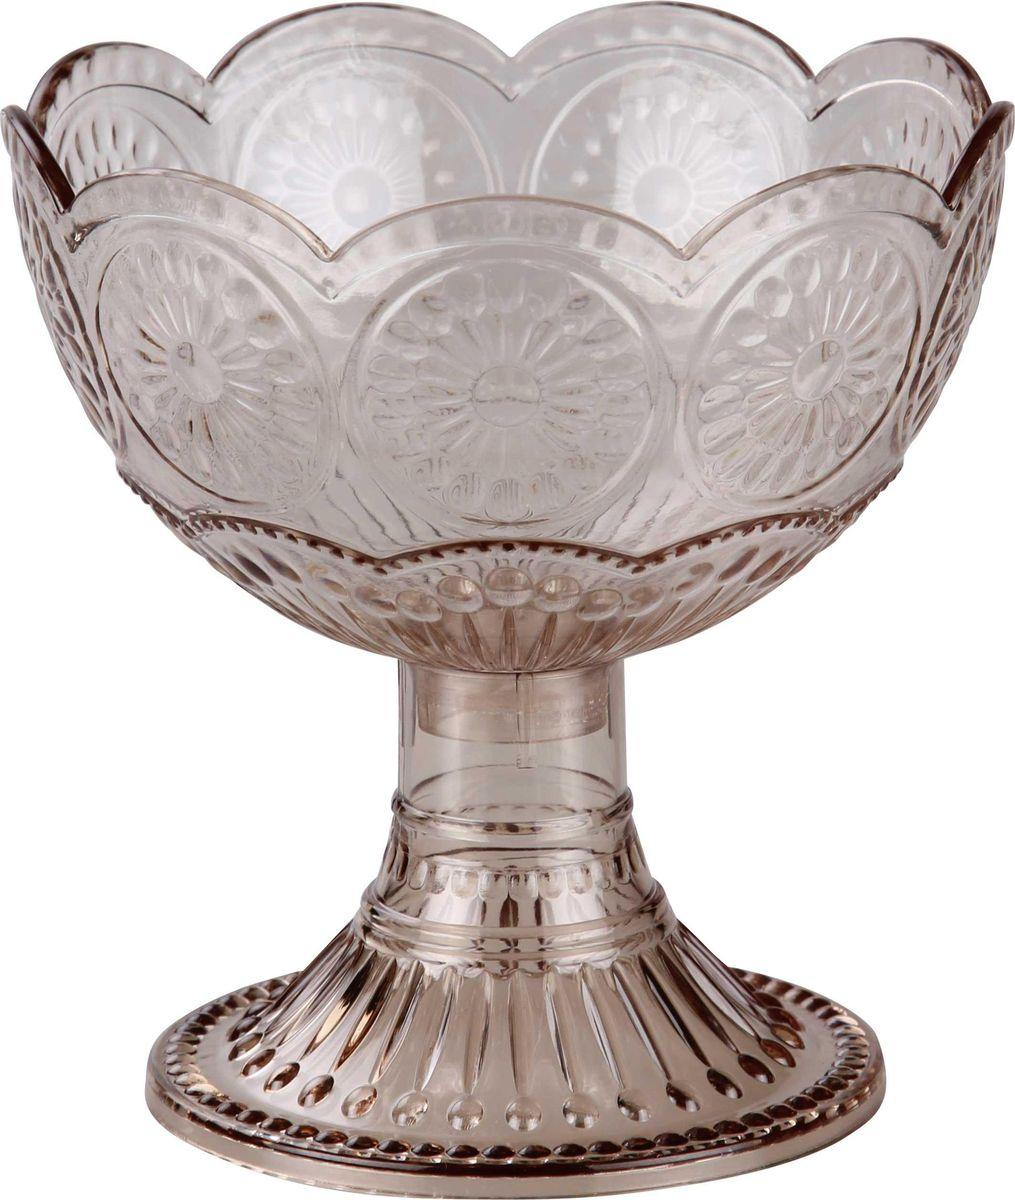 Креманка Альтернатива Услада, цвет: бежевый креманка для десертов 100г ложка 13 см 1168246